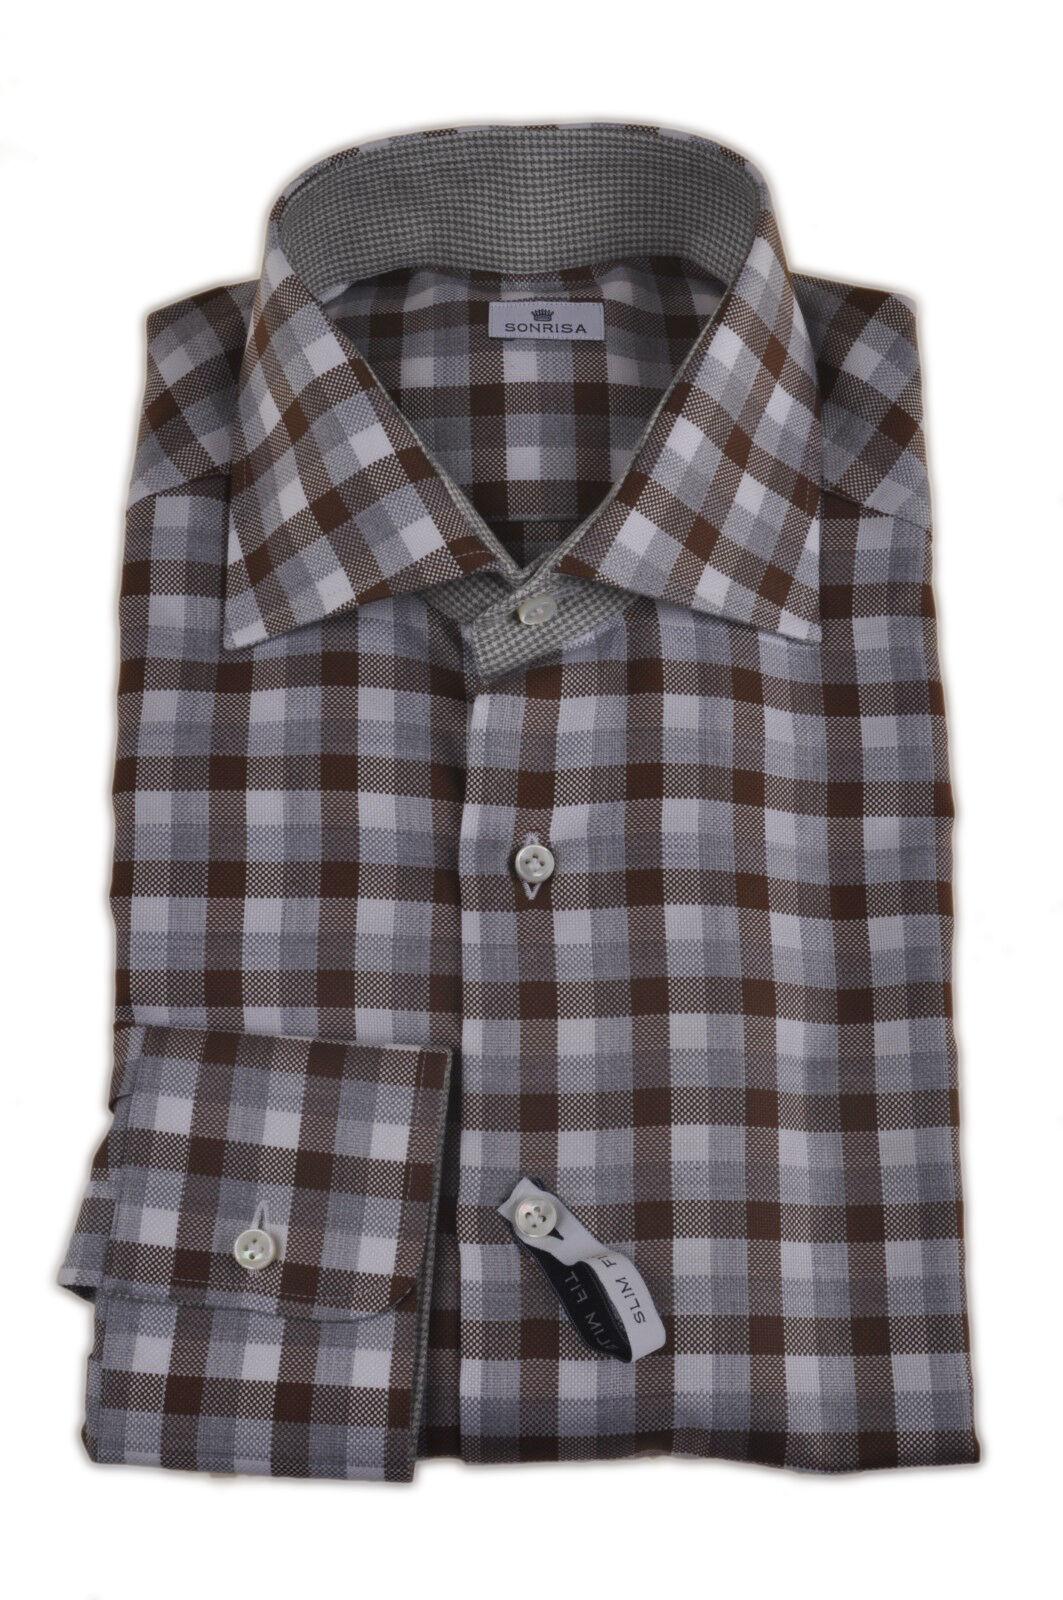 Sonrisa  -  Shirts - male - Braun - 178626A184351